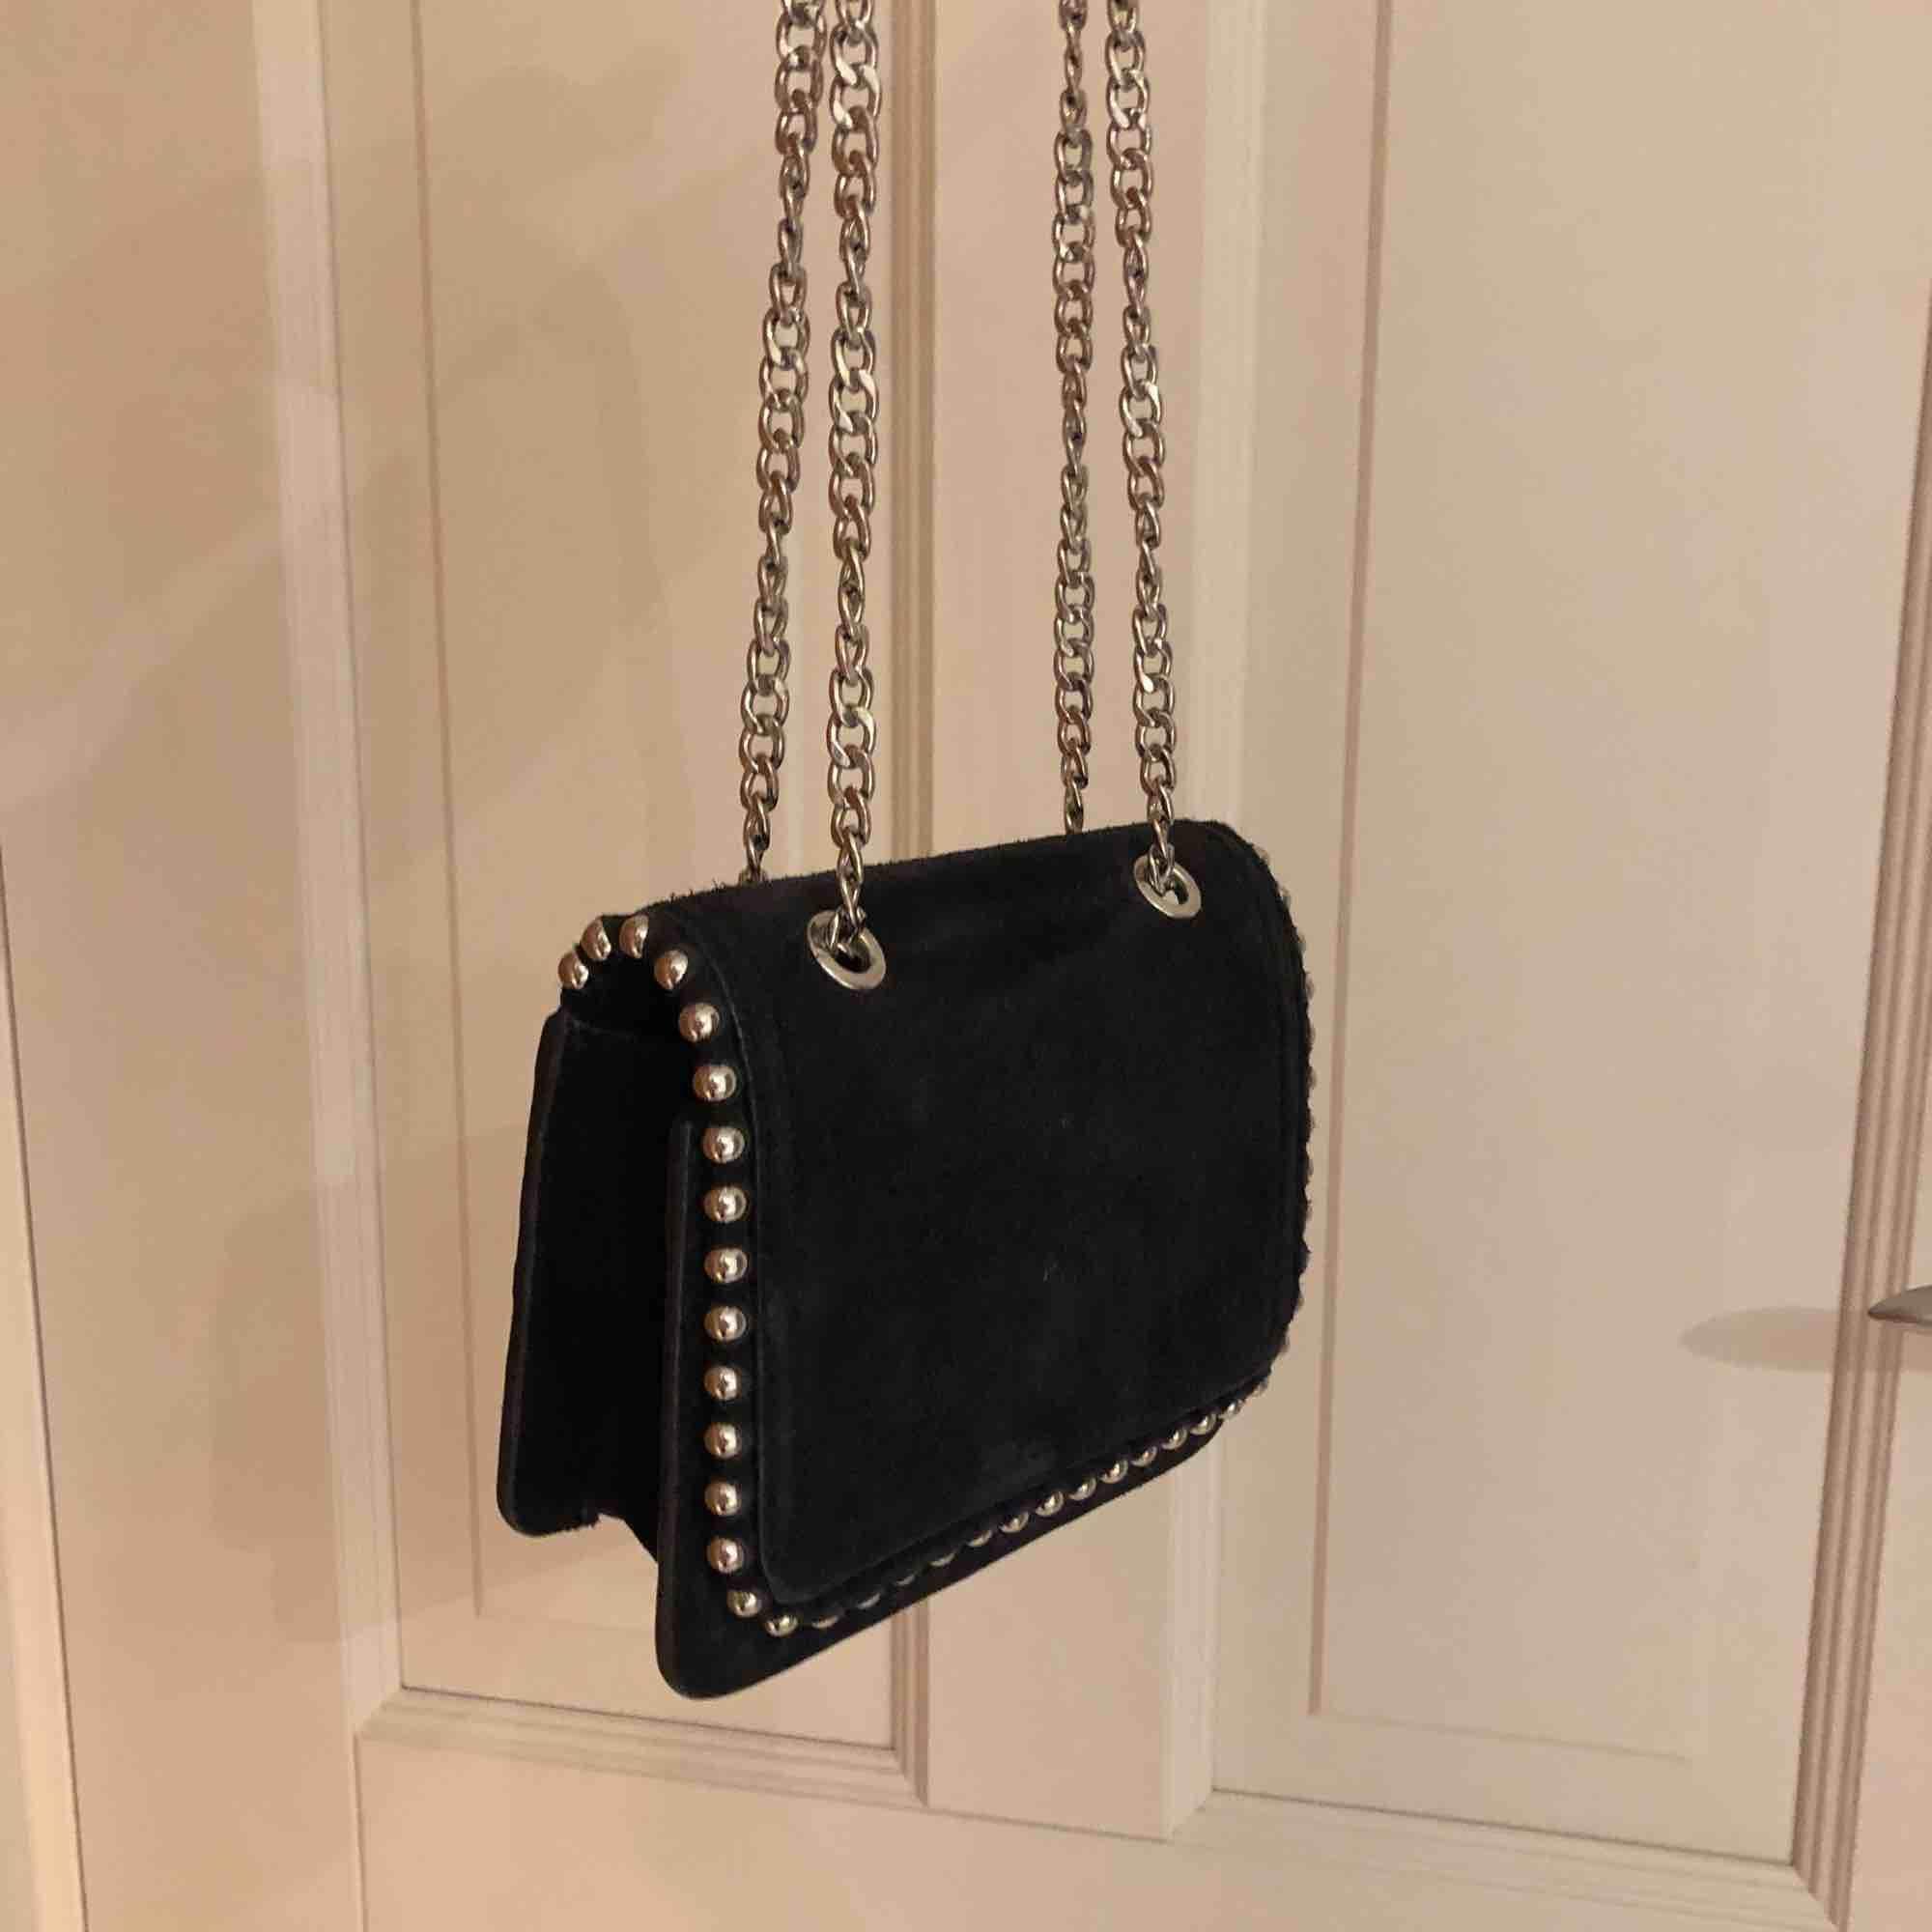 """Mocka väska i mörkblå/svart. Den är liten med en lång kedja som man antingen kan ha över kroppen eller om man """"tar upp"""" kedjorna så det blir mer av en axelväska. Passar fint till vardag och fest. Bra kvalite, köpt för 600kr från början . Väskor."""